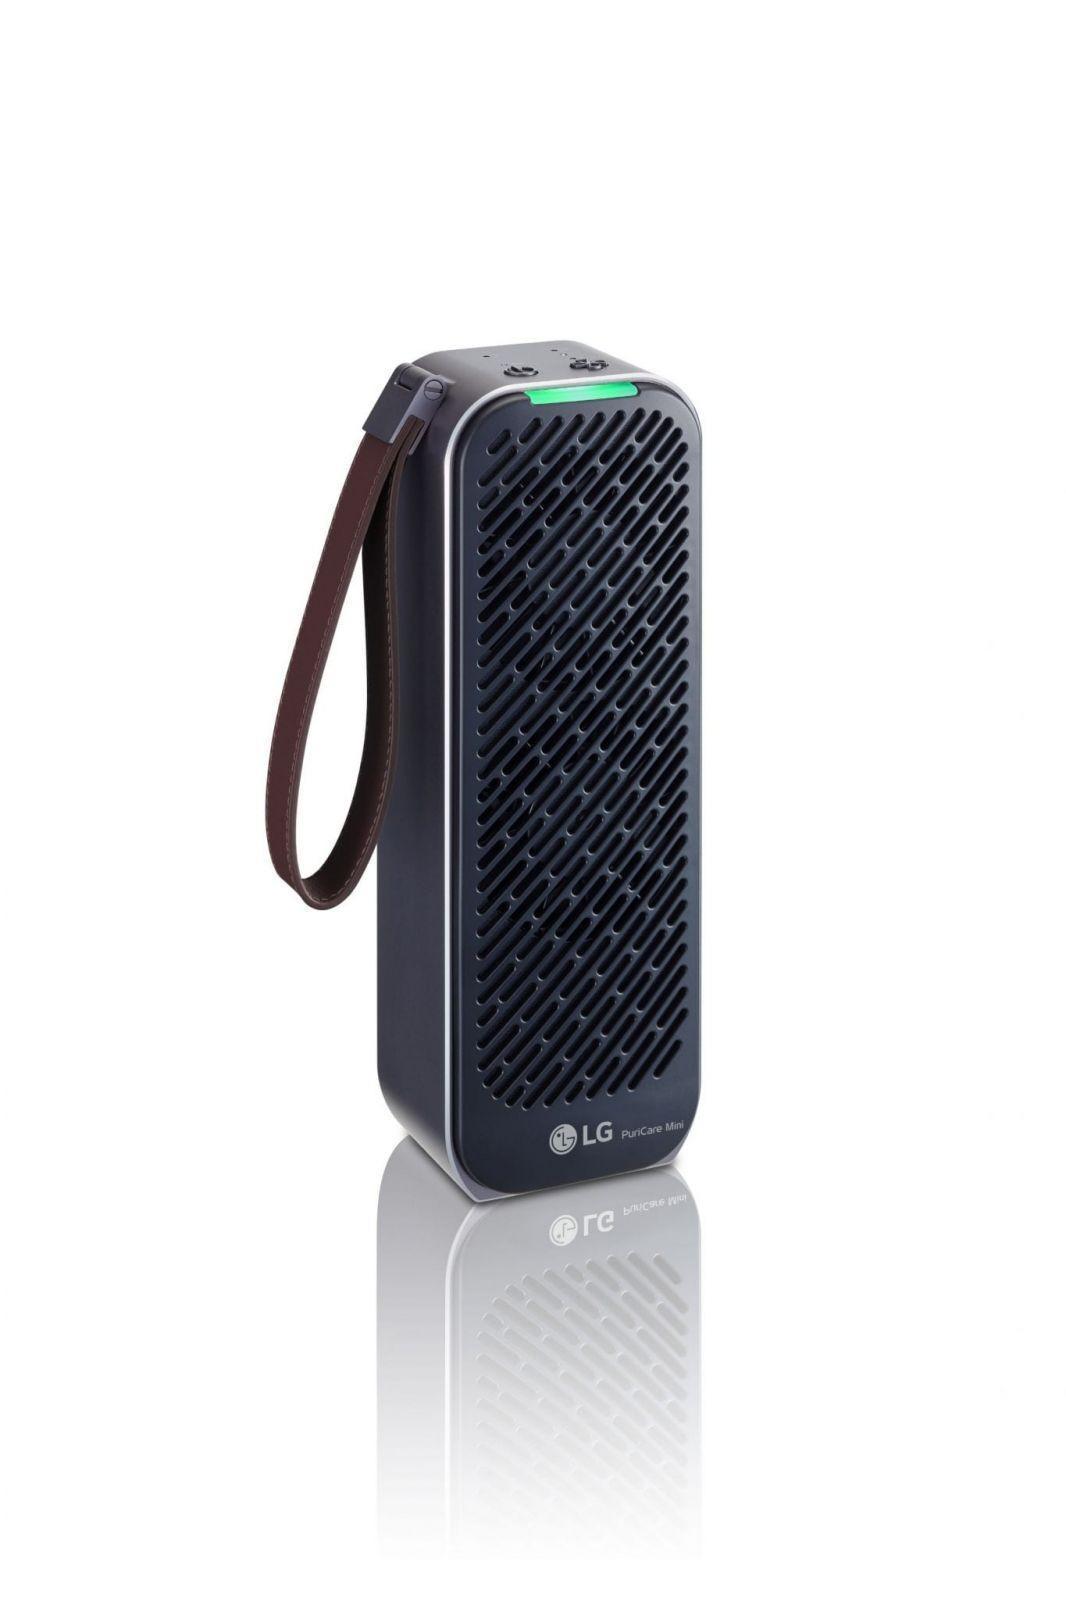 LG выпускает портативный очиститель воздуха LG PuriCare Mini